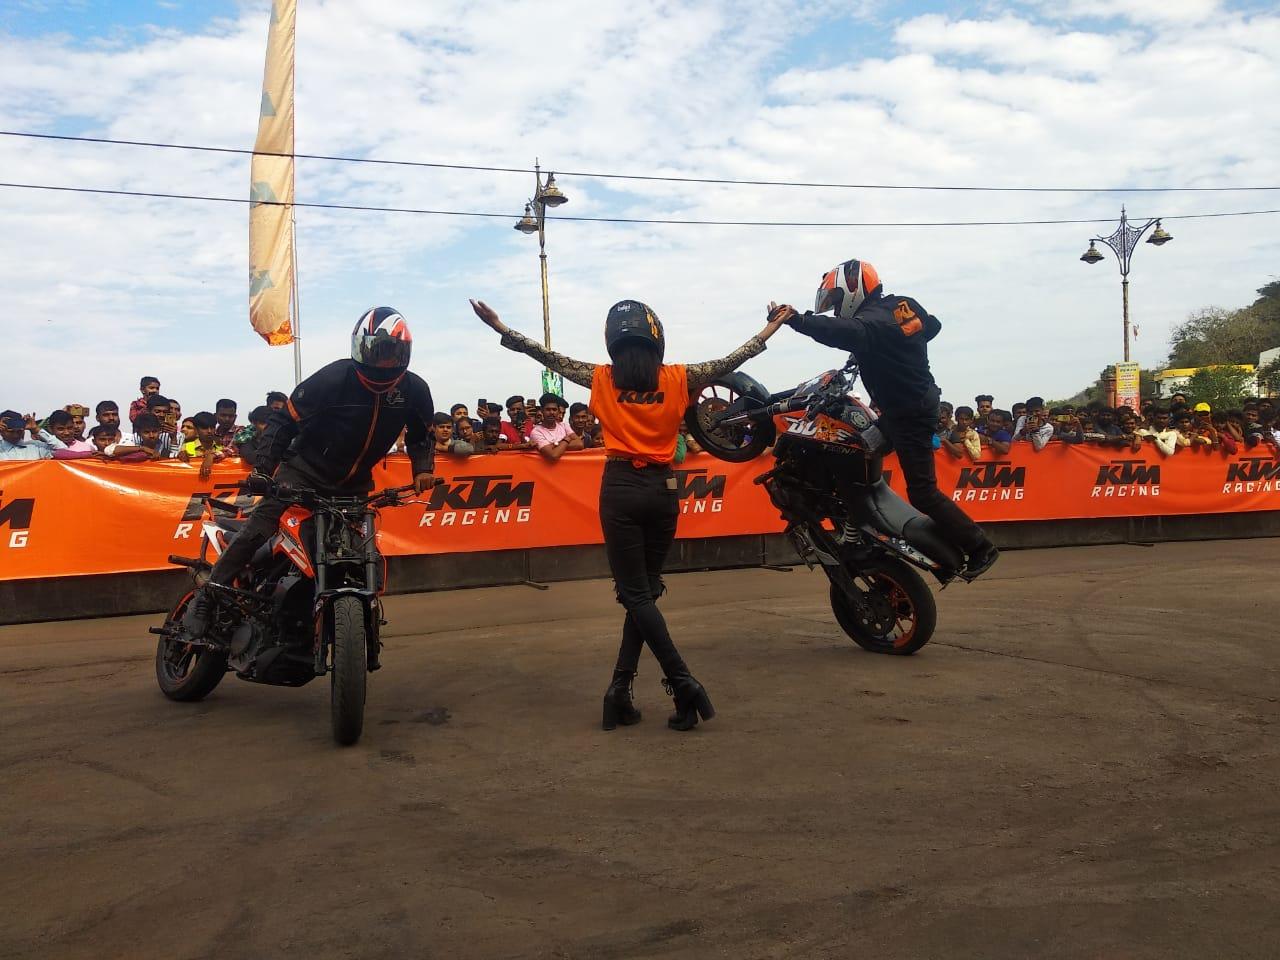 KTM organises a spectacular Stunt show in Dungarpur